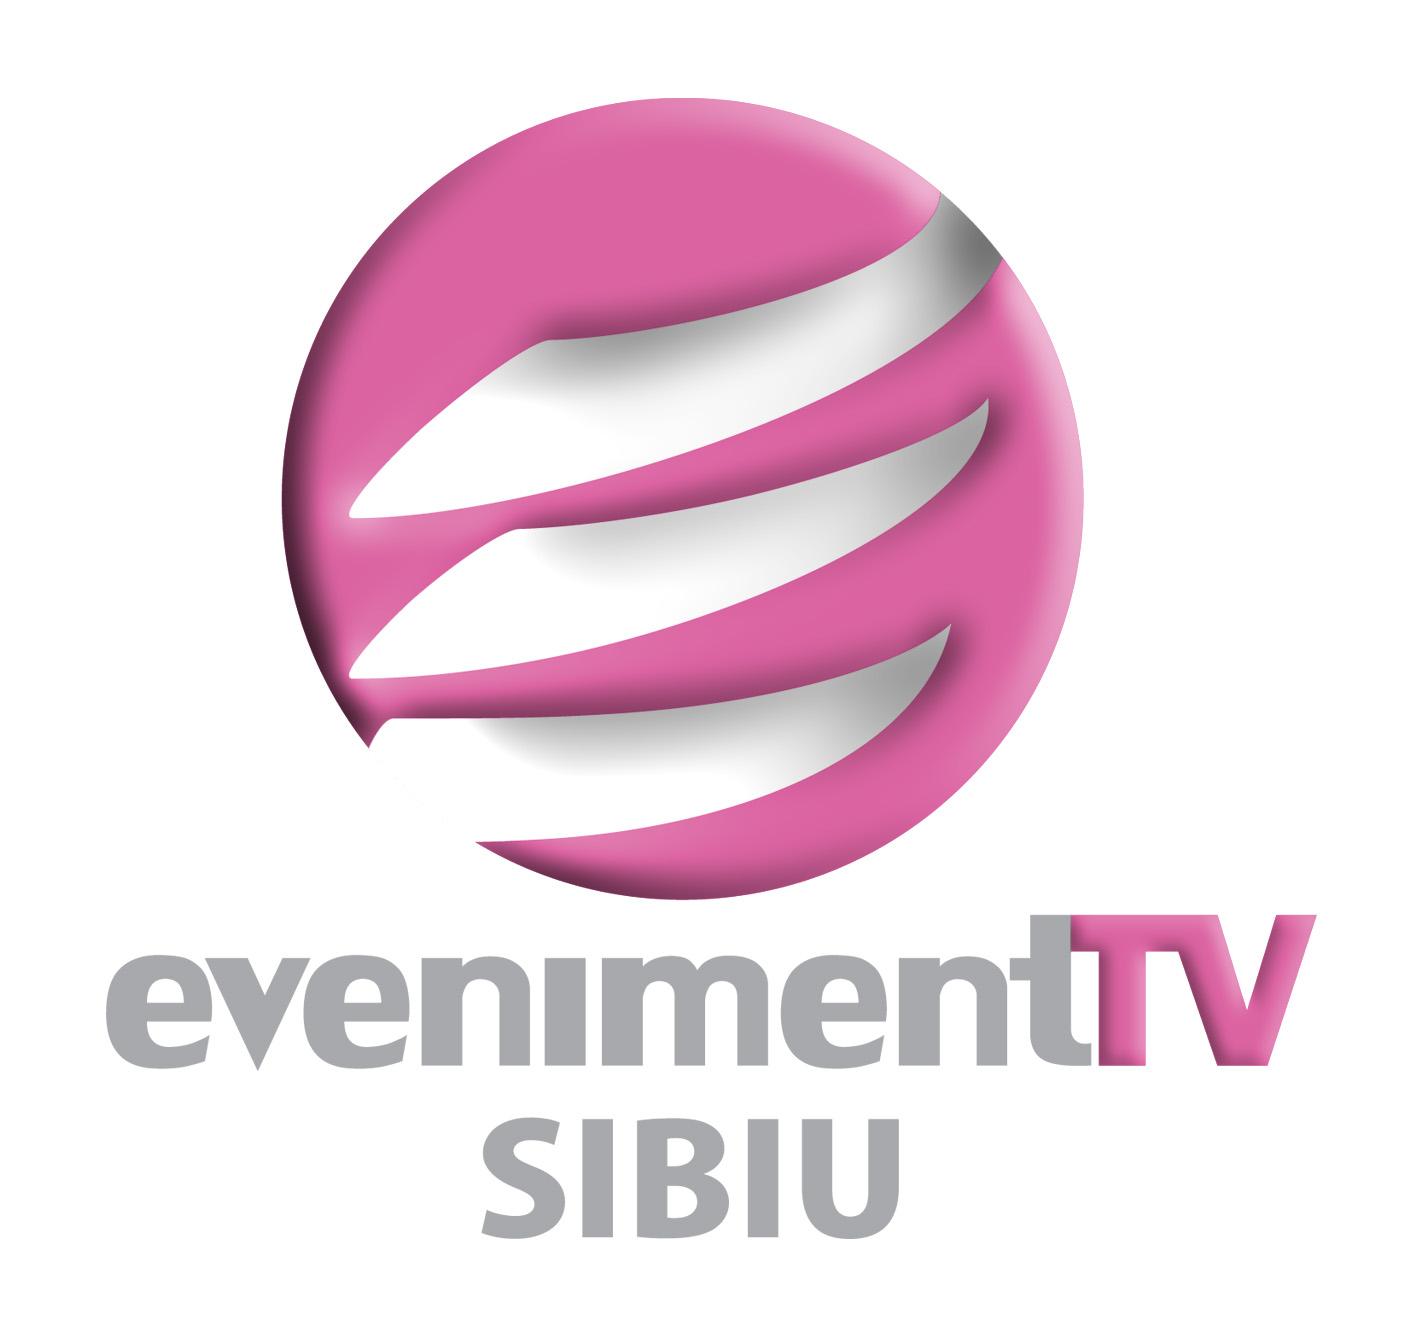 EVENIMENT TV SIBIU ITI ADUCE CRACIUNUL IN FAMILIE!